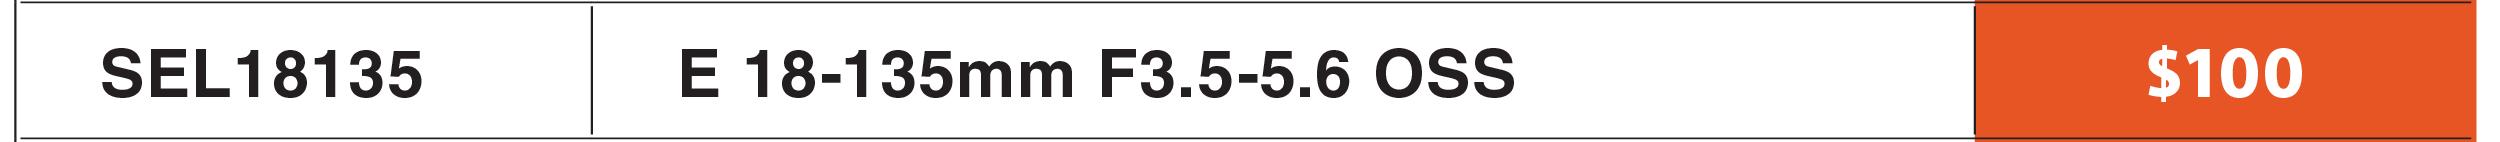 Sony E 18-135mm OSS